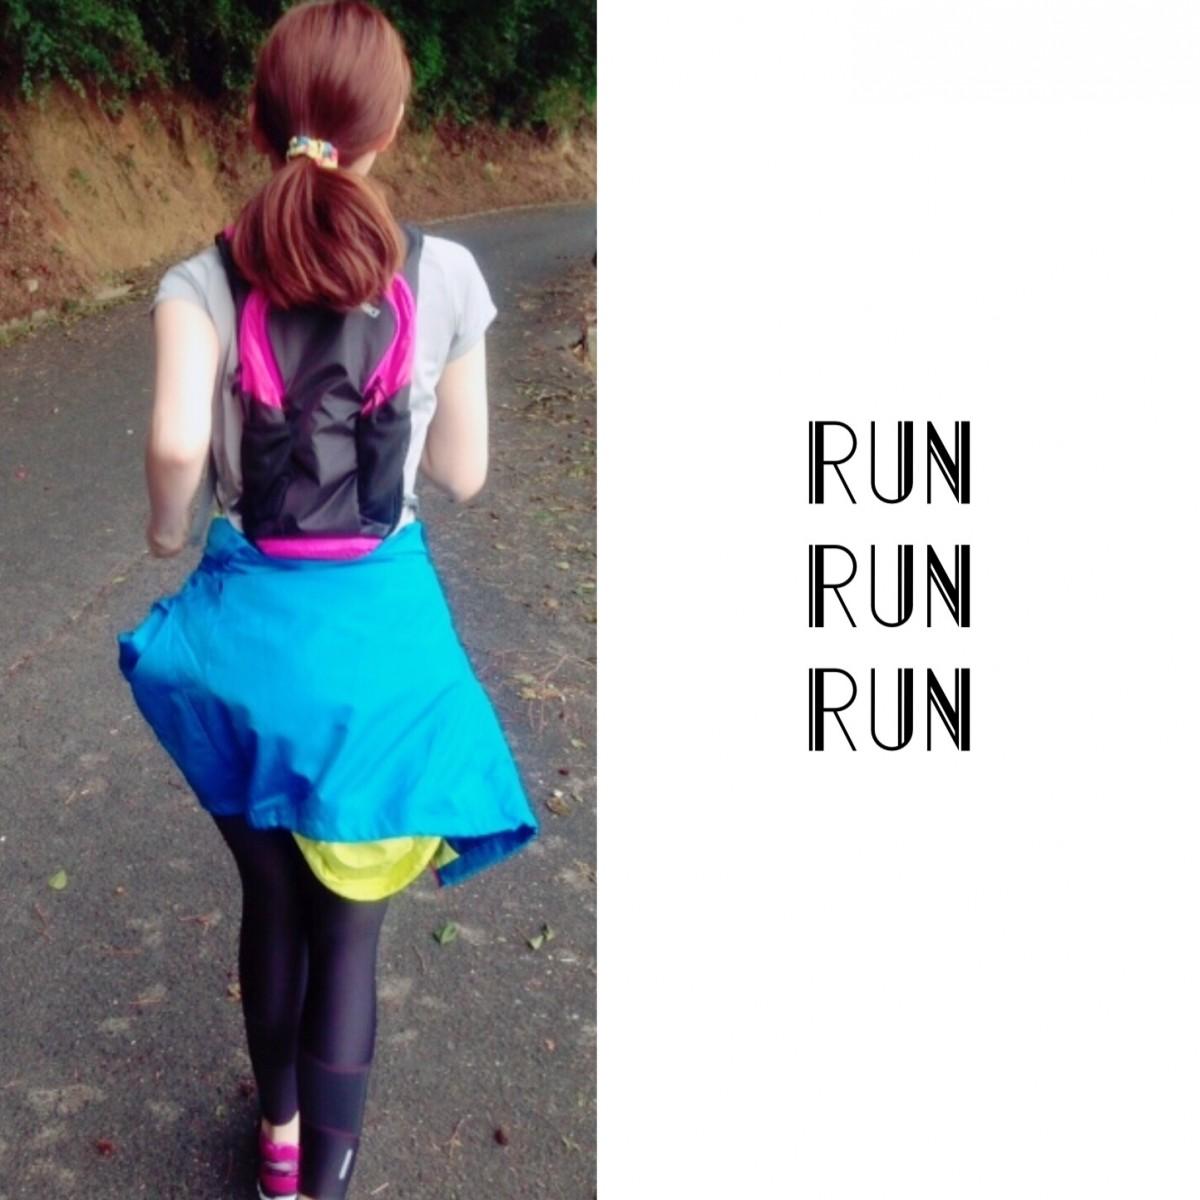 【朝活】気軽に始めれるポーツ!  朝の15分!健康と美にRUNはいかがですか?